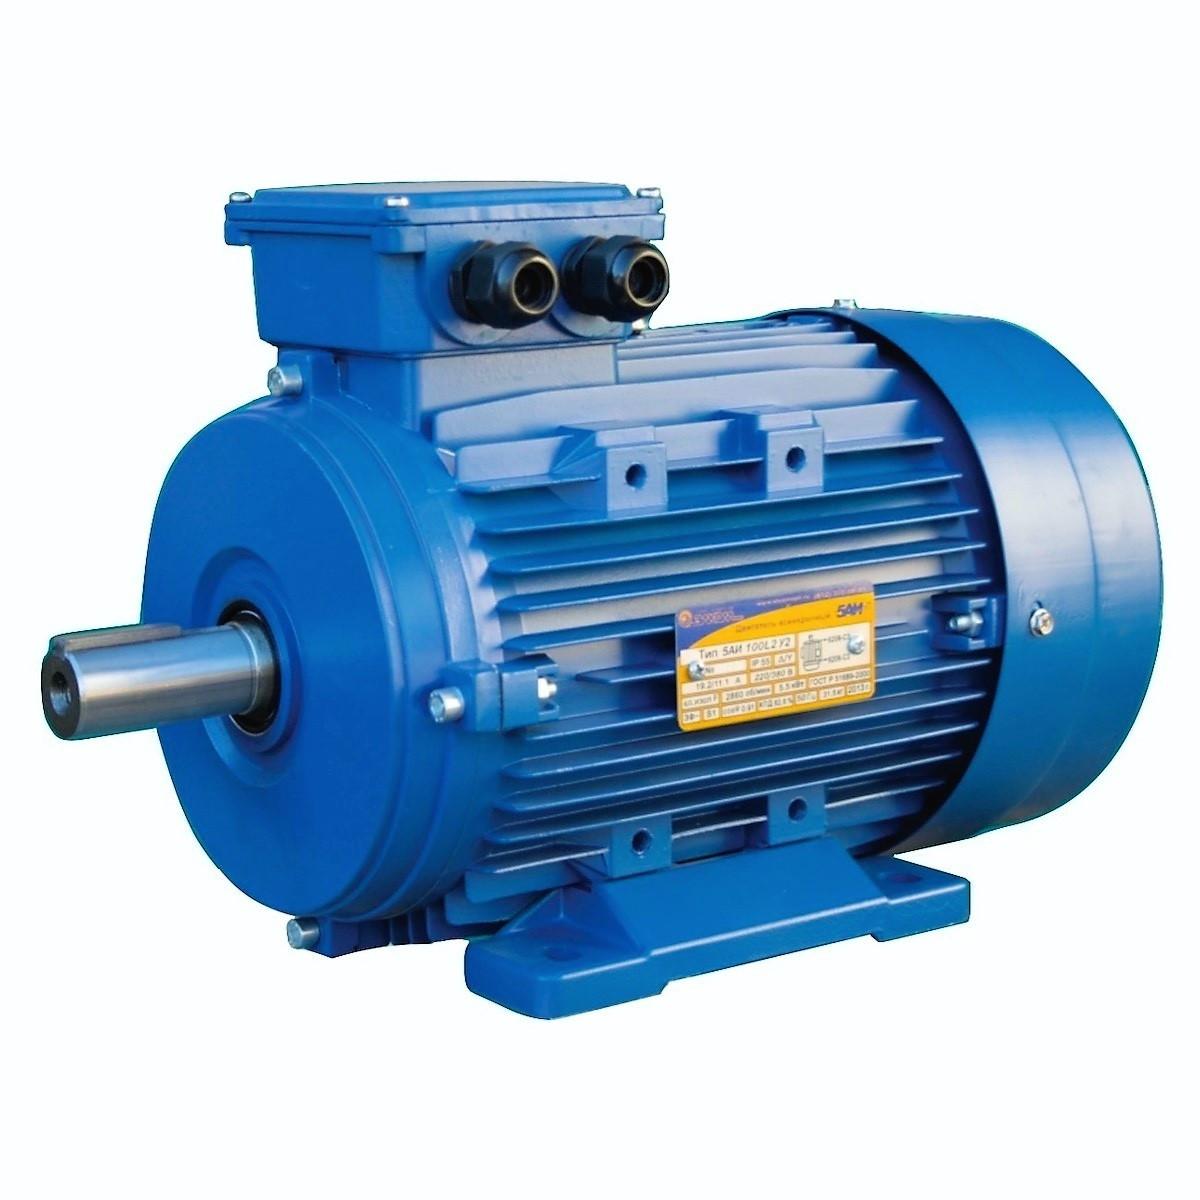 Электродвигатель 5АИ 80 В2 2,2кВт, 3000 об/мин